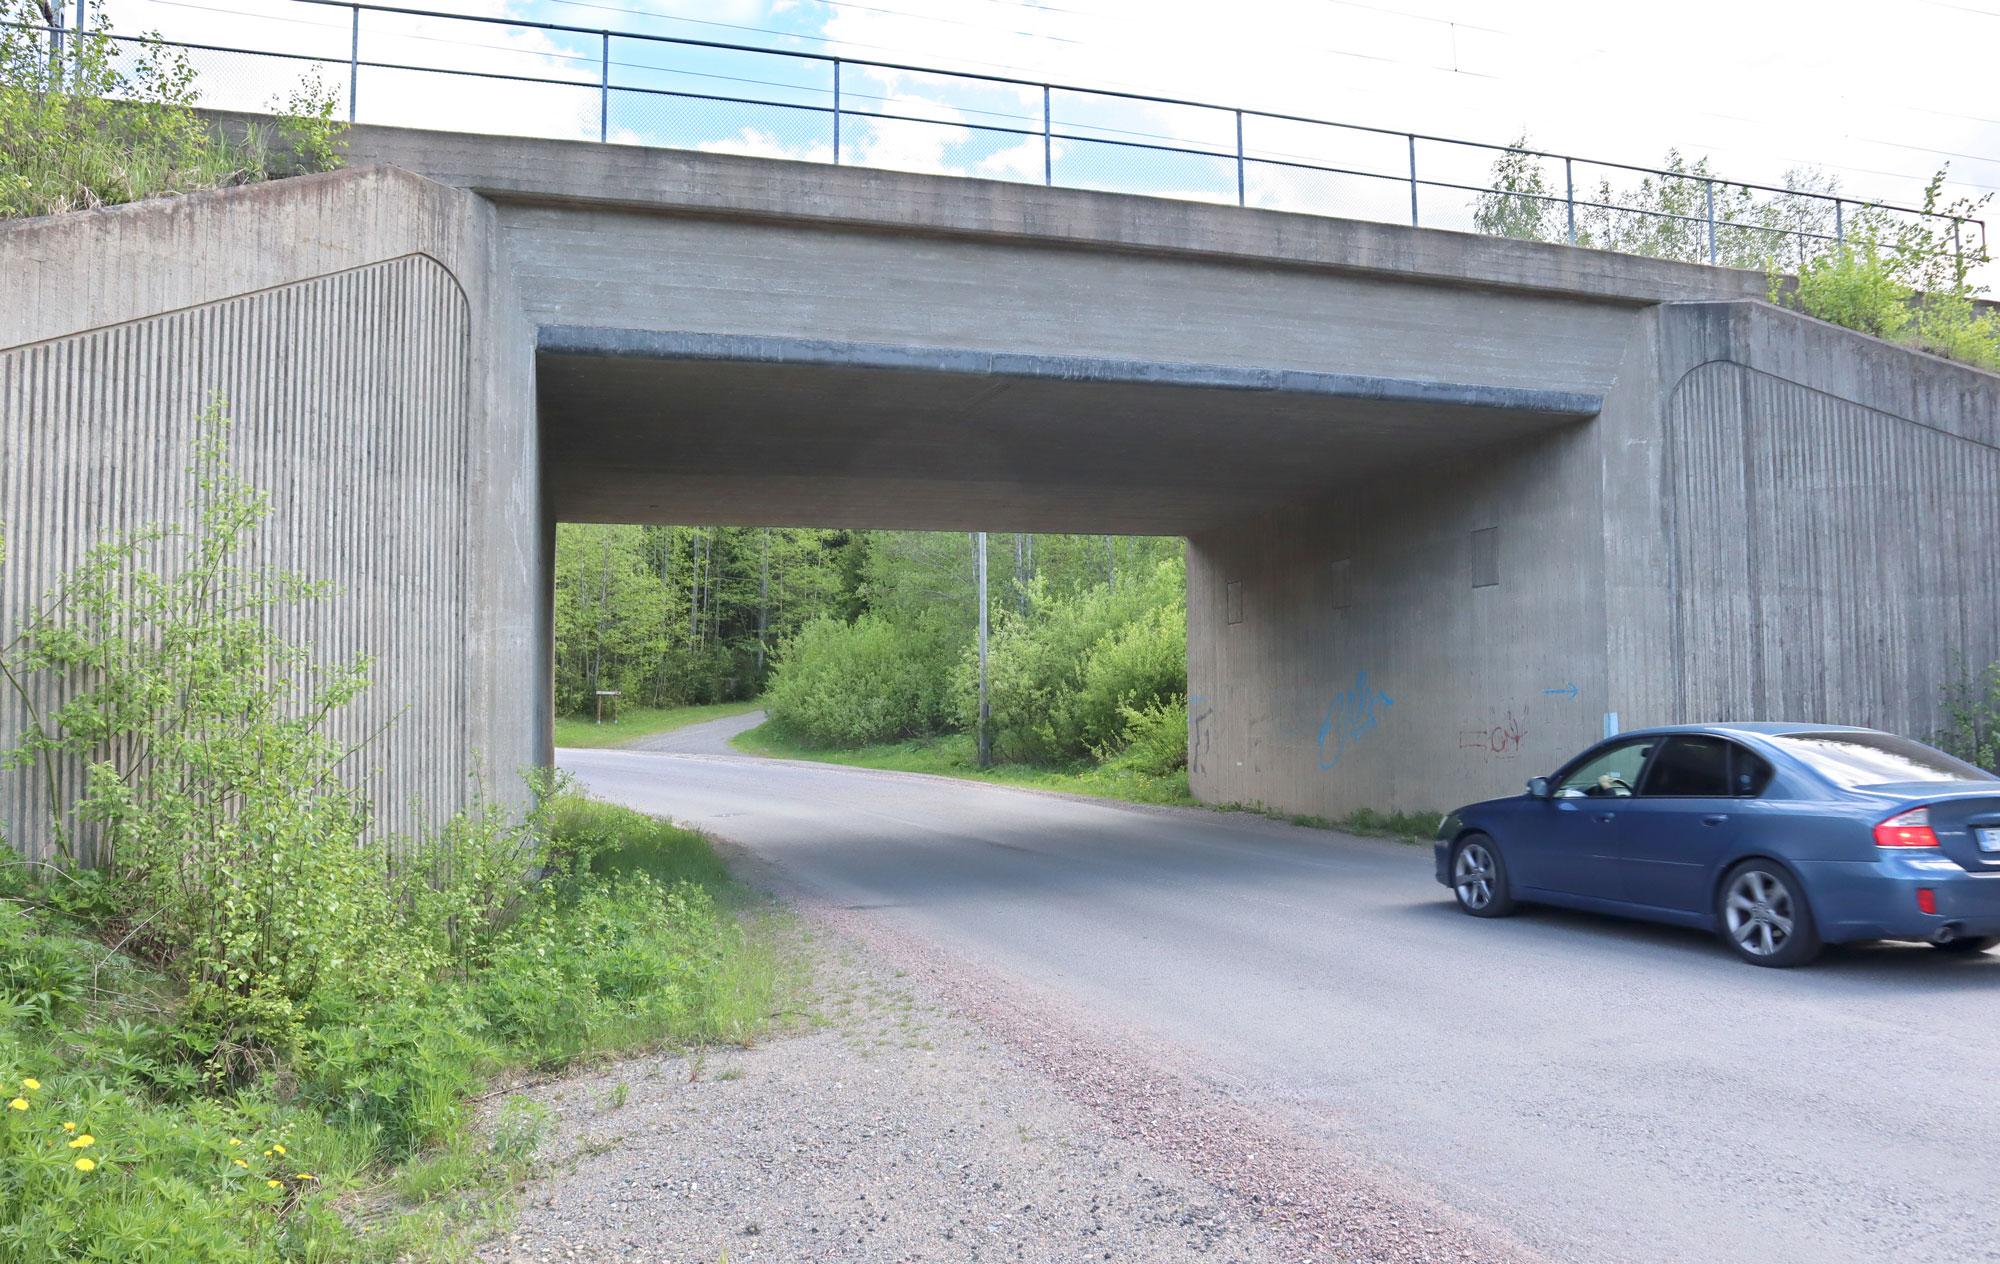 Kaupunki pyrkii kohentamaan tiellä liikkujien turvallisuutta muun muassa Aseman alikulun kohdalla. Kuva: Heli Keskinen